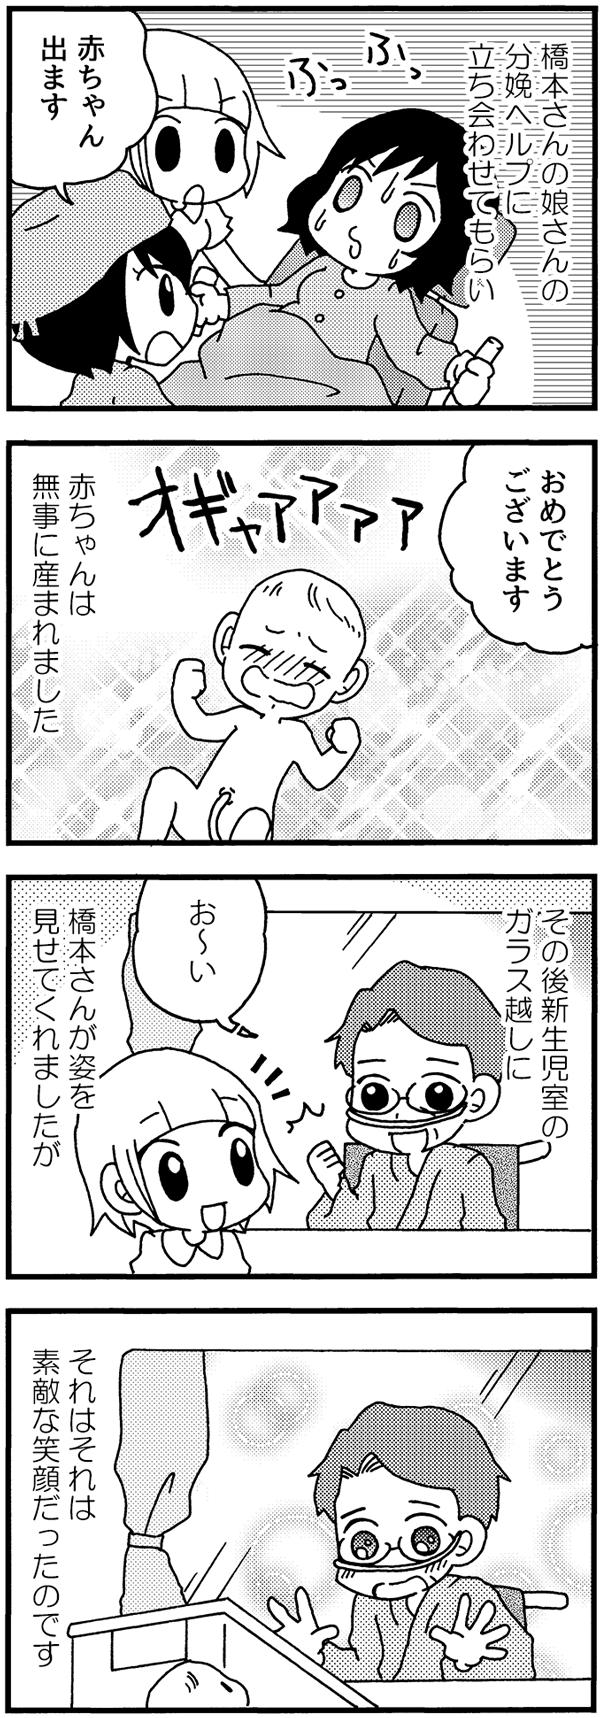 橋本さんの分娩非ルプに立ち会わせてもらい、赤ちゃんは無事に産まれました。その後、新生児室のガラス越しに橋本さんが孫の顔を見に姿を見せにきてくれました。孫をみたときの顔といったら、それはそれは素敵な笑顔でした。